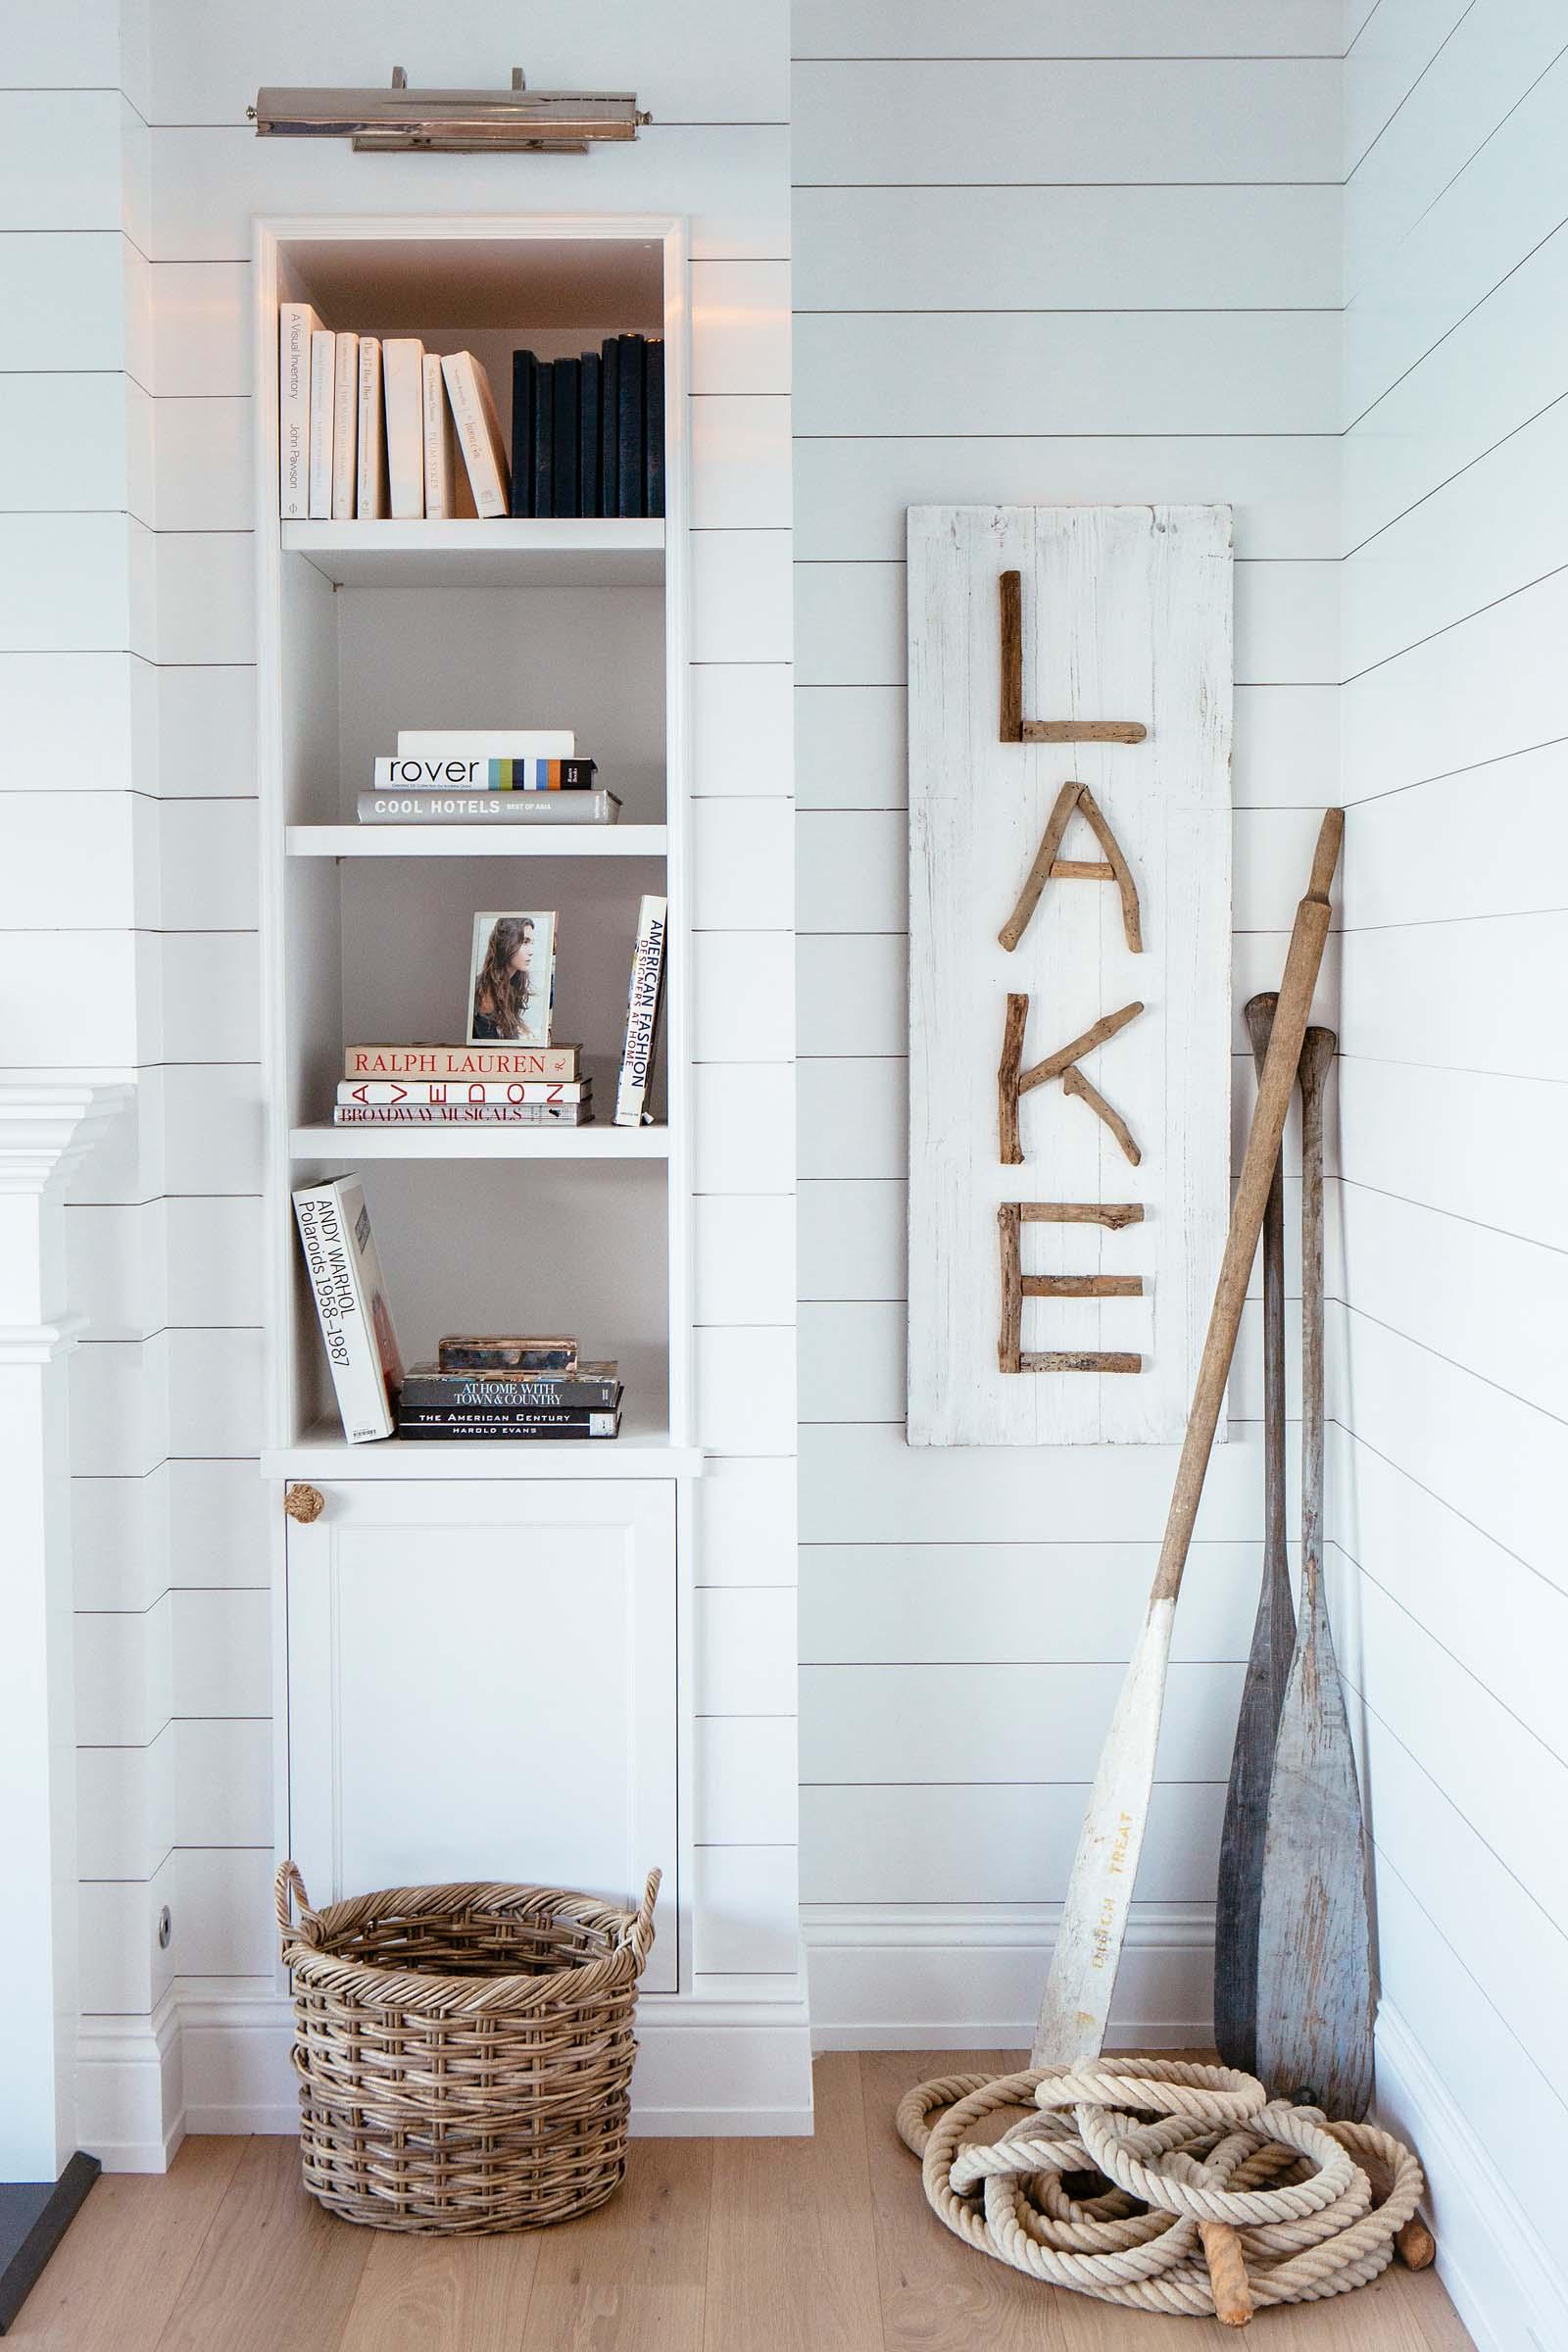 Leo_Designs_Chicago_interior_design_grand_haven_beach_refuge14.jpg